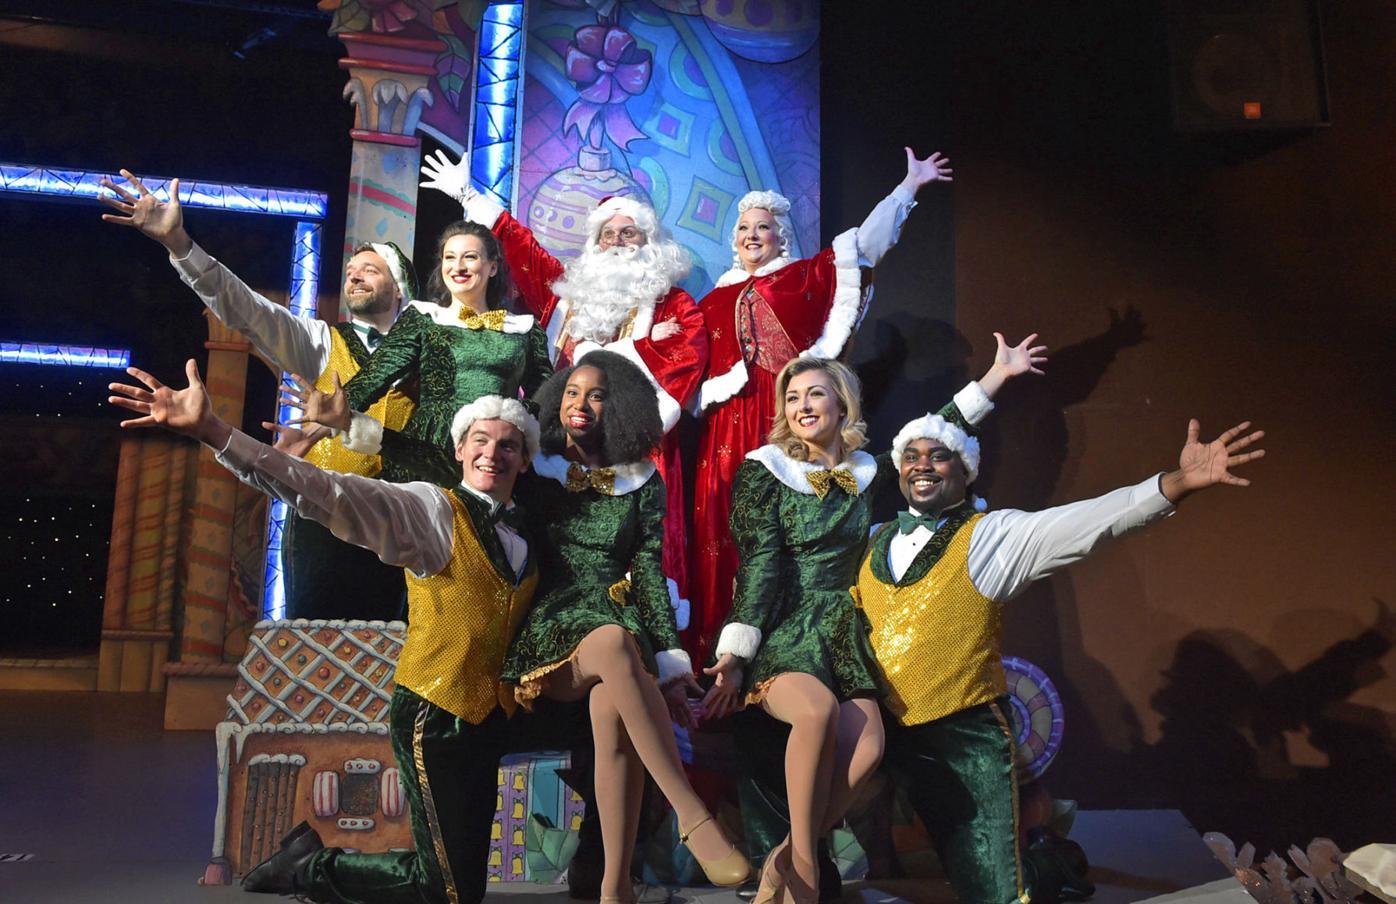 holly jolly christmas01.jpg